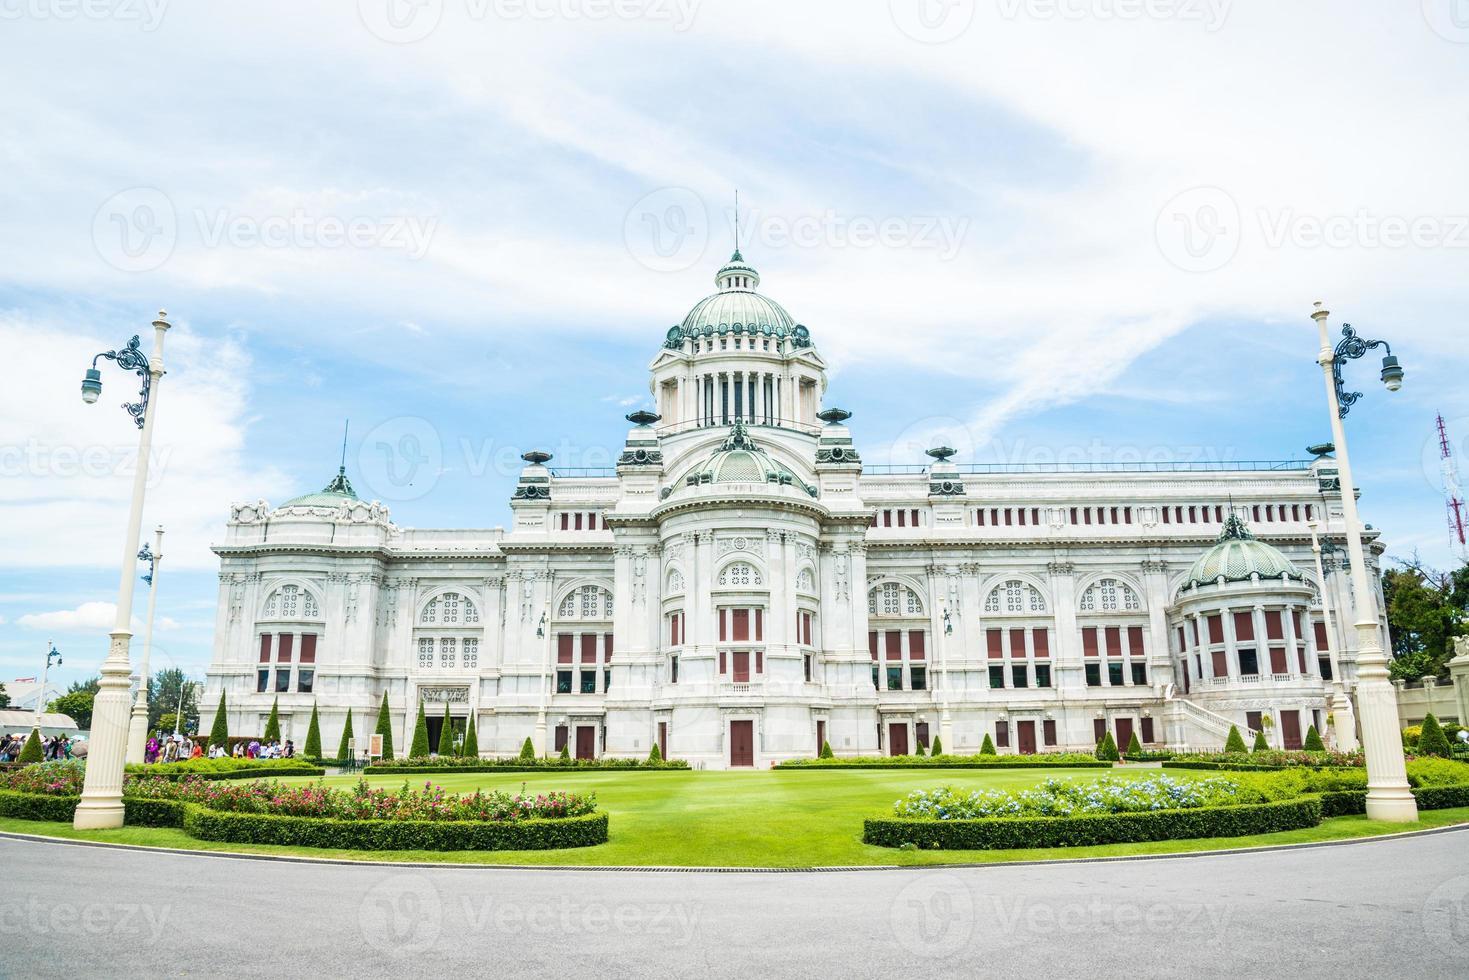 ananta samakhom paleis troonzaal in thai royal dusit palace. foto